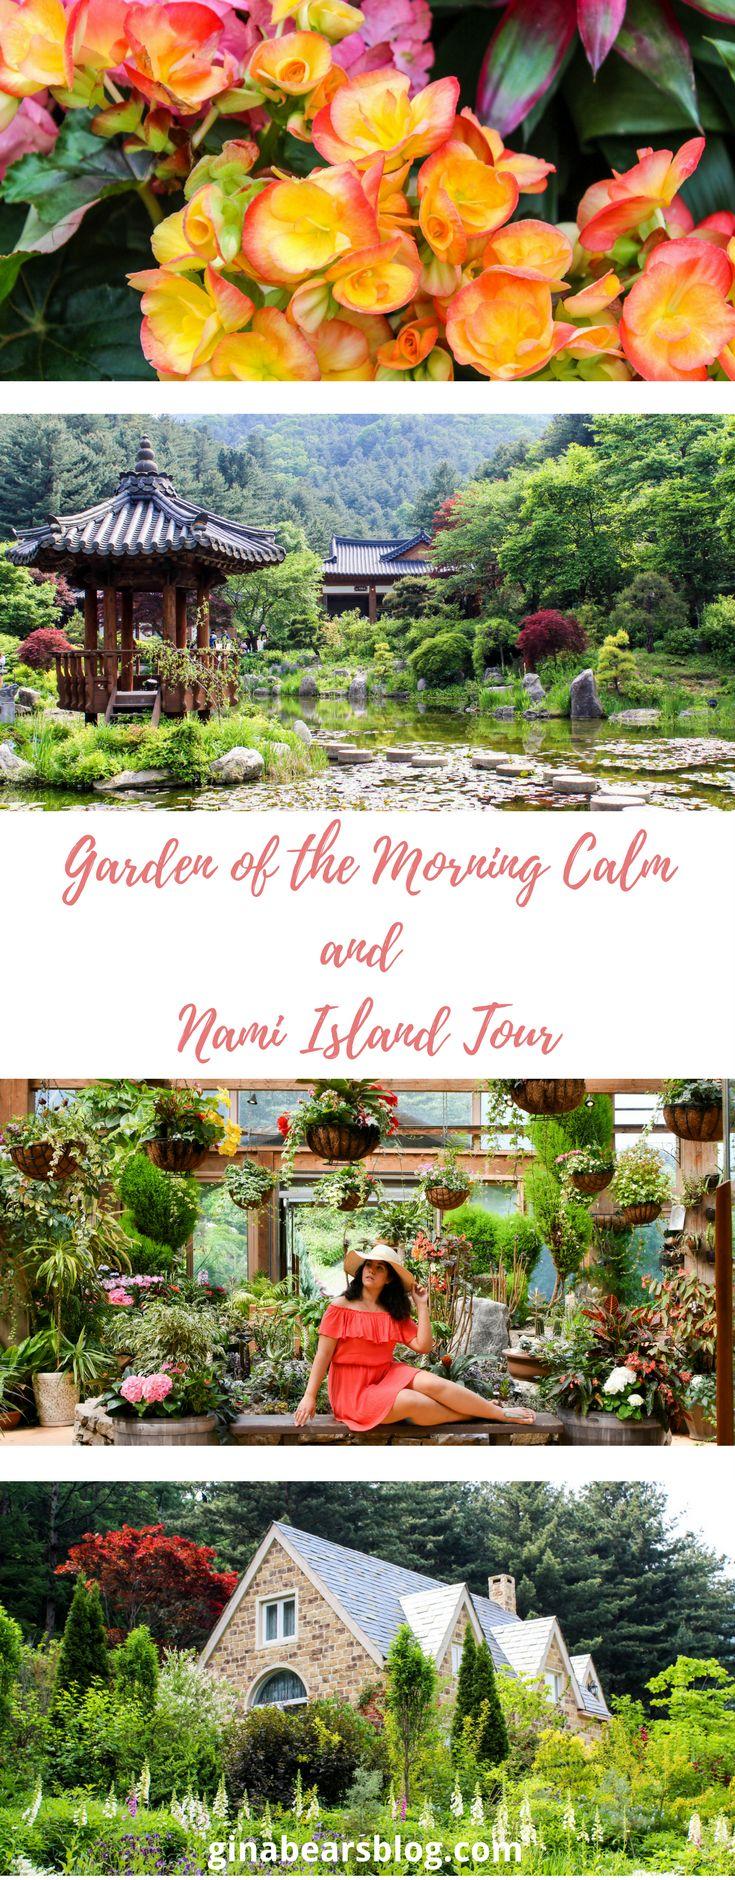 Garden of the Morning Calm and Nami Island Tour http://ginabearsblog.com/2017/05/garden-of-the-morning-calm-and-nami-island-tour/